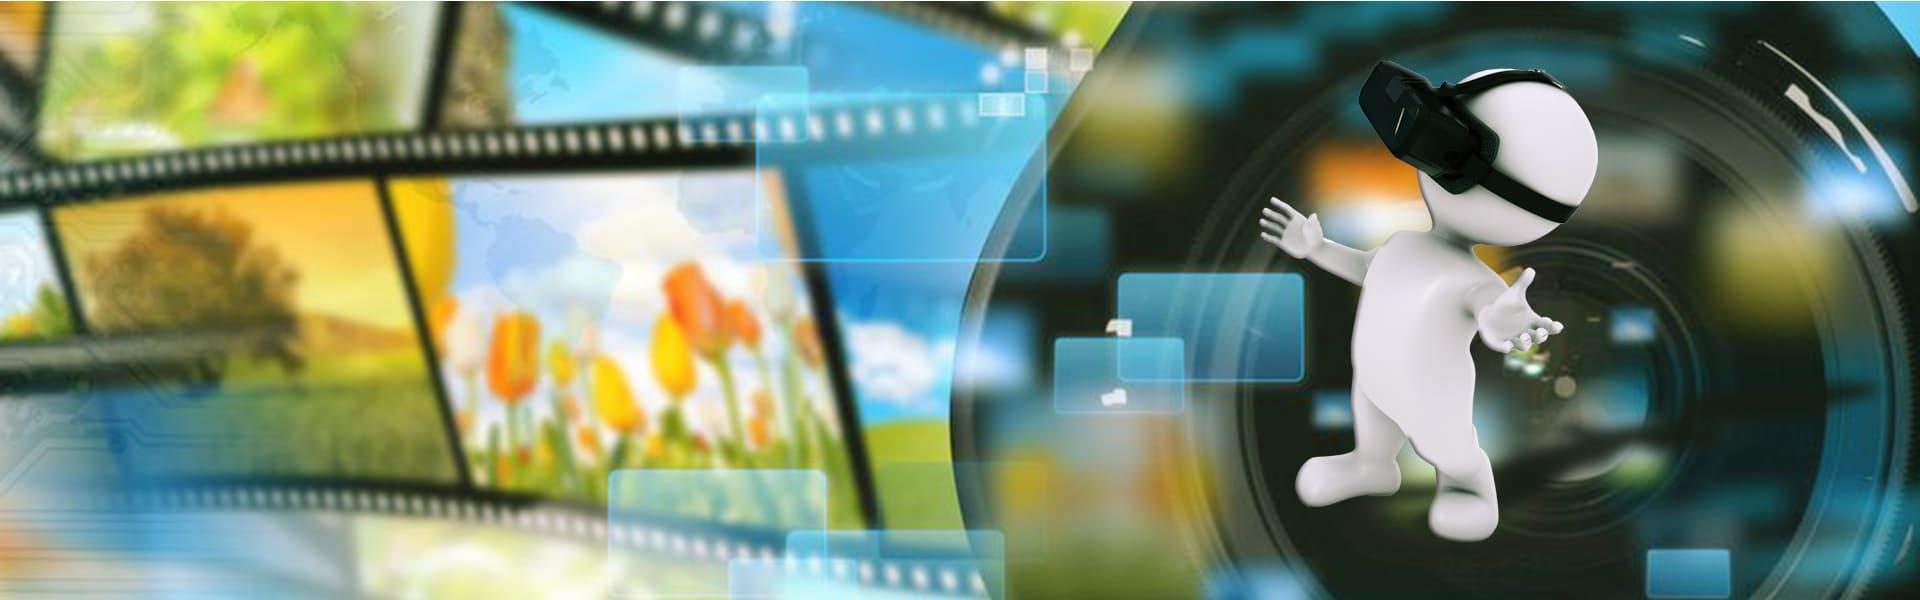 Будущее за видео контентом?